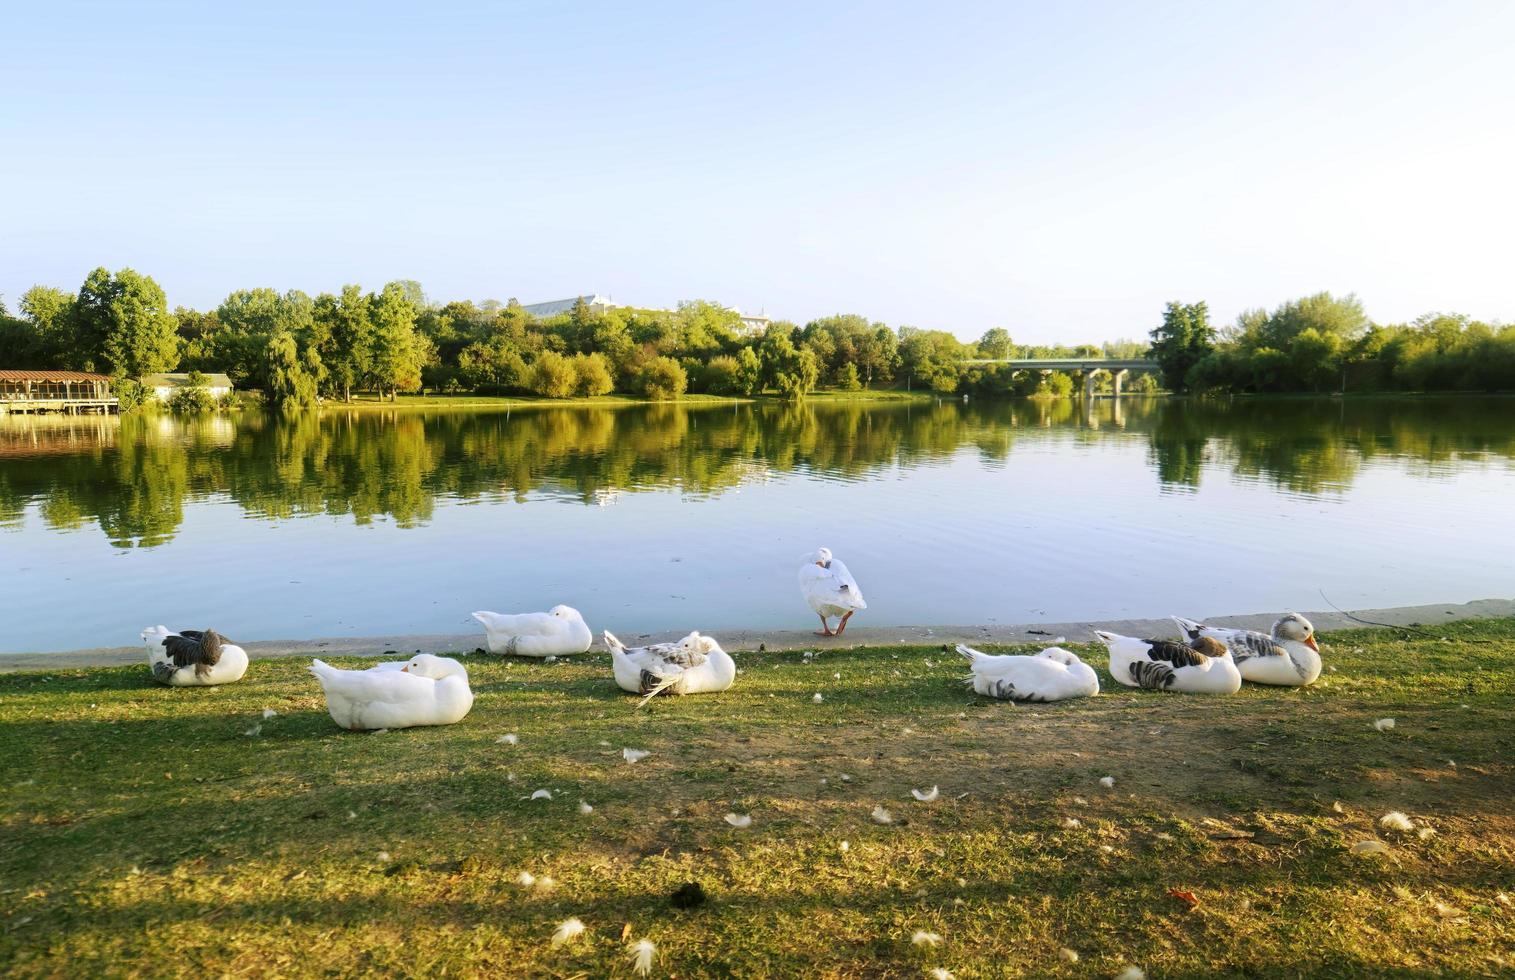 oies de détente au bord du lac dans le parc photo